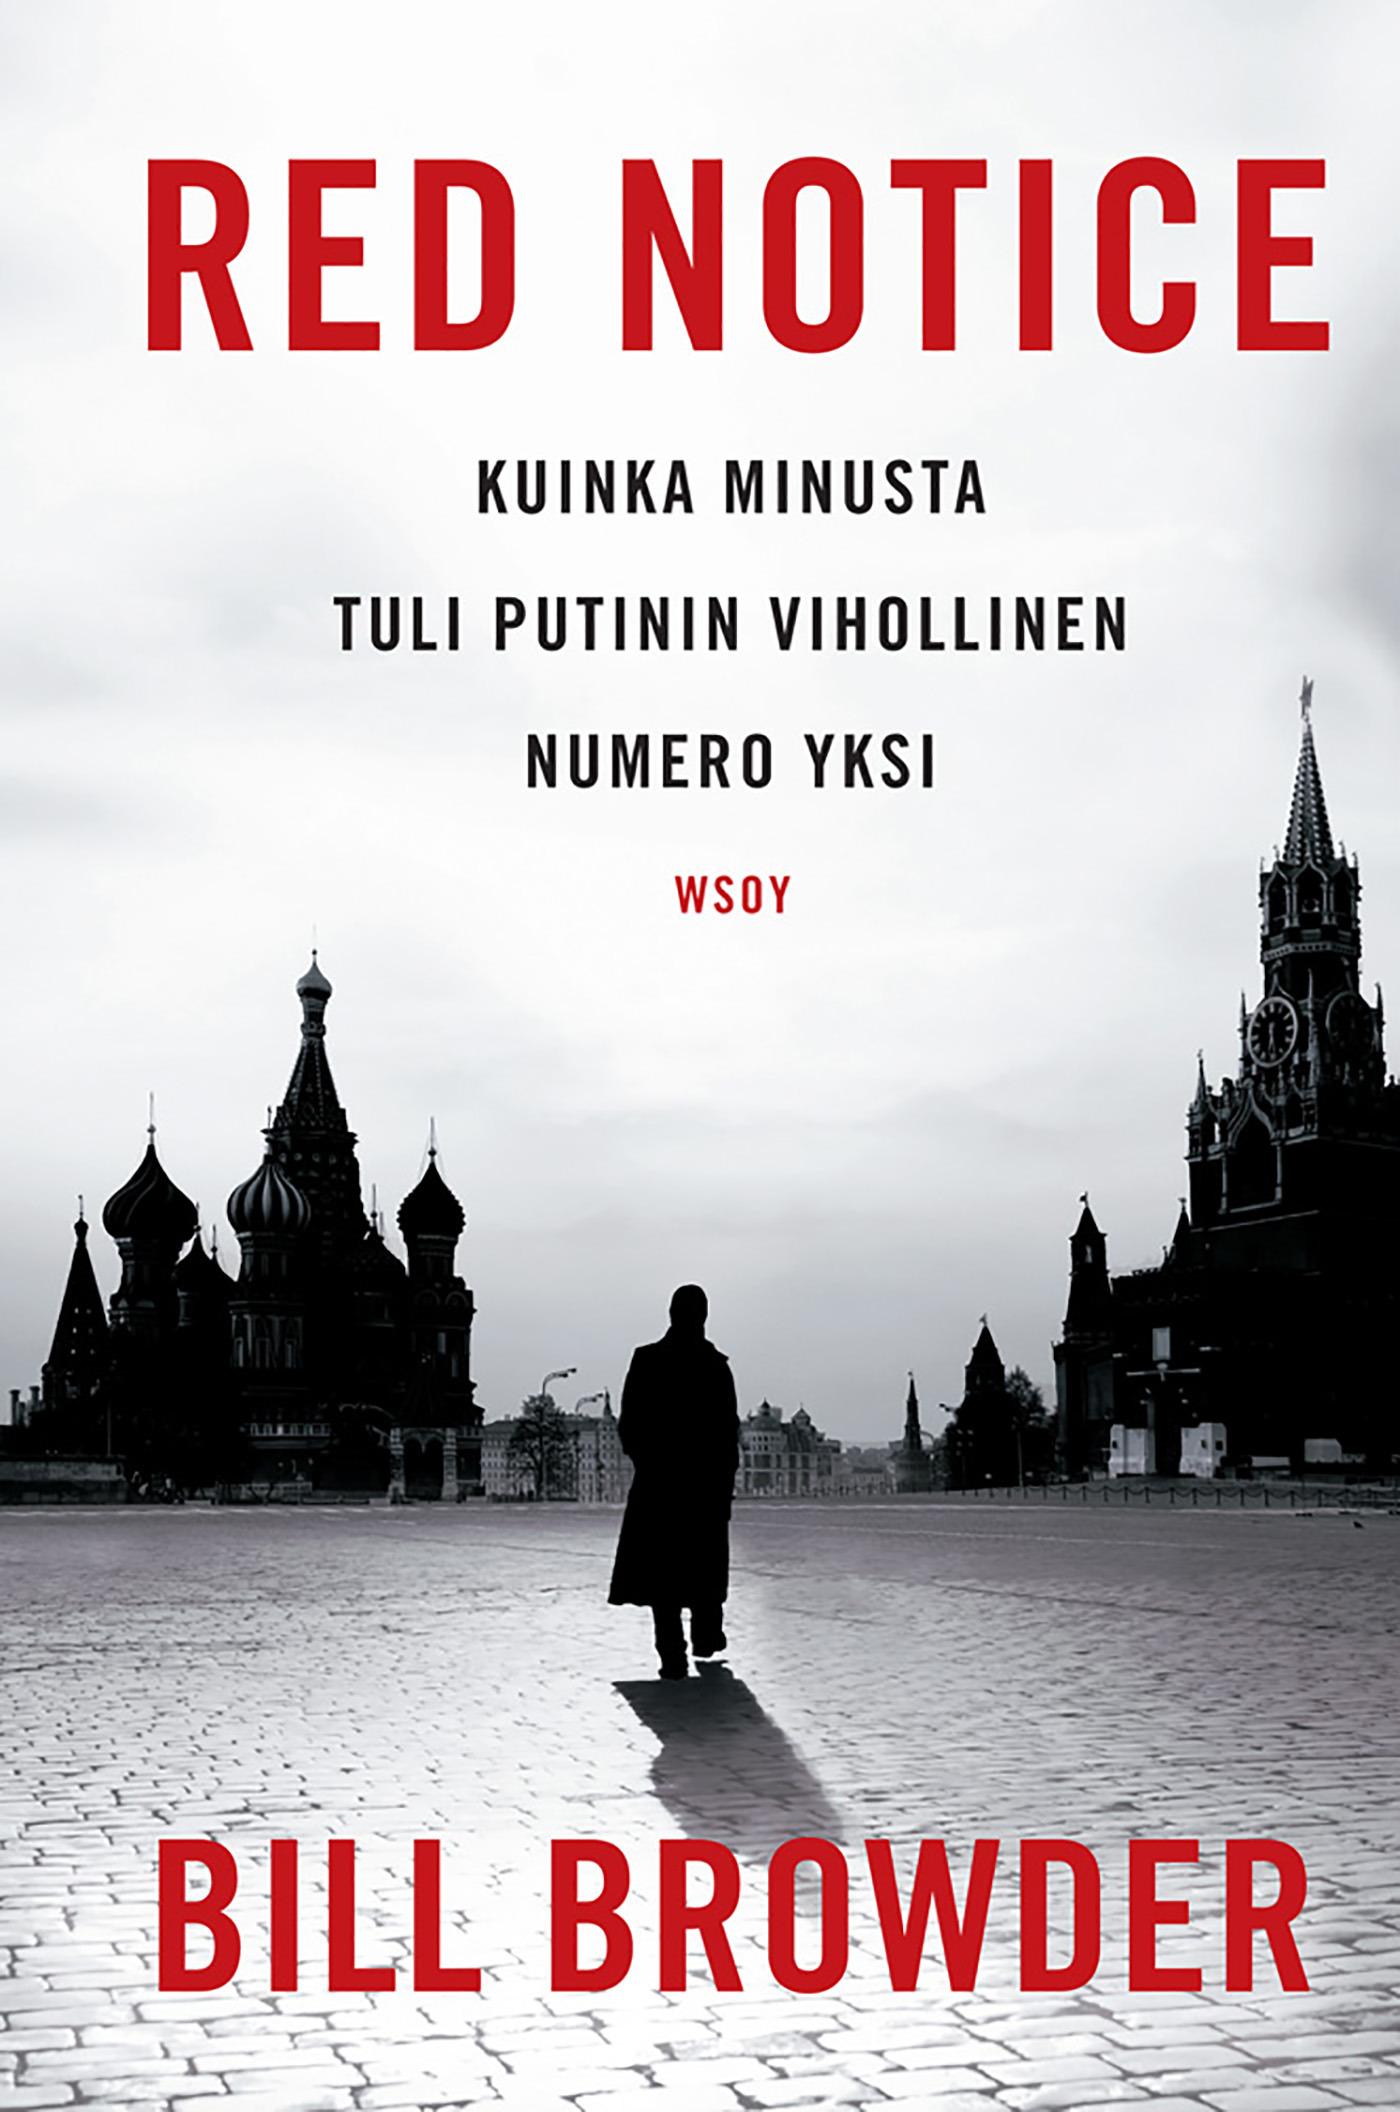 Browder, Bill - Red Notice: Kuinka minusta tuli Putinin vihollinen numero yksi, ebook